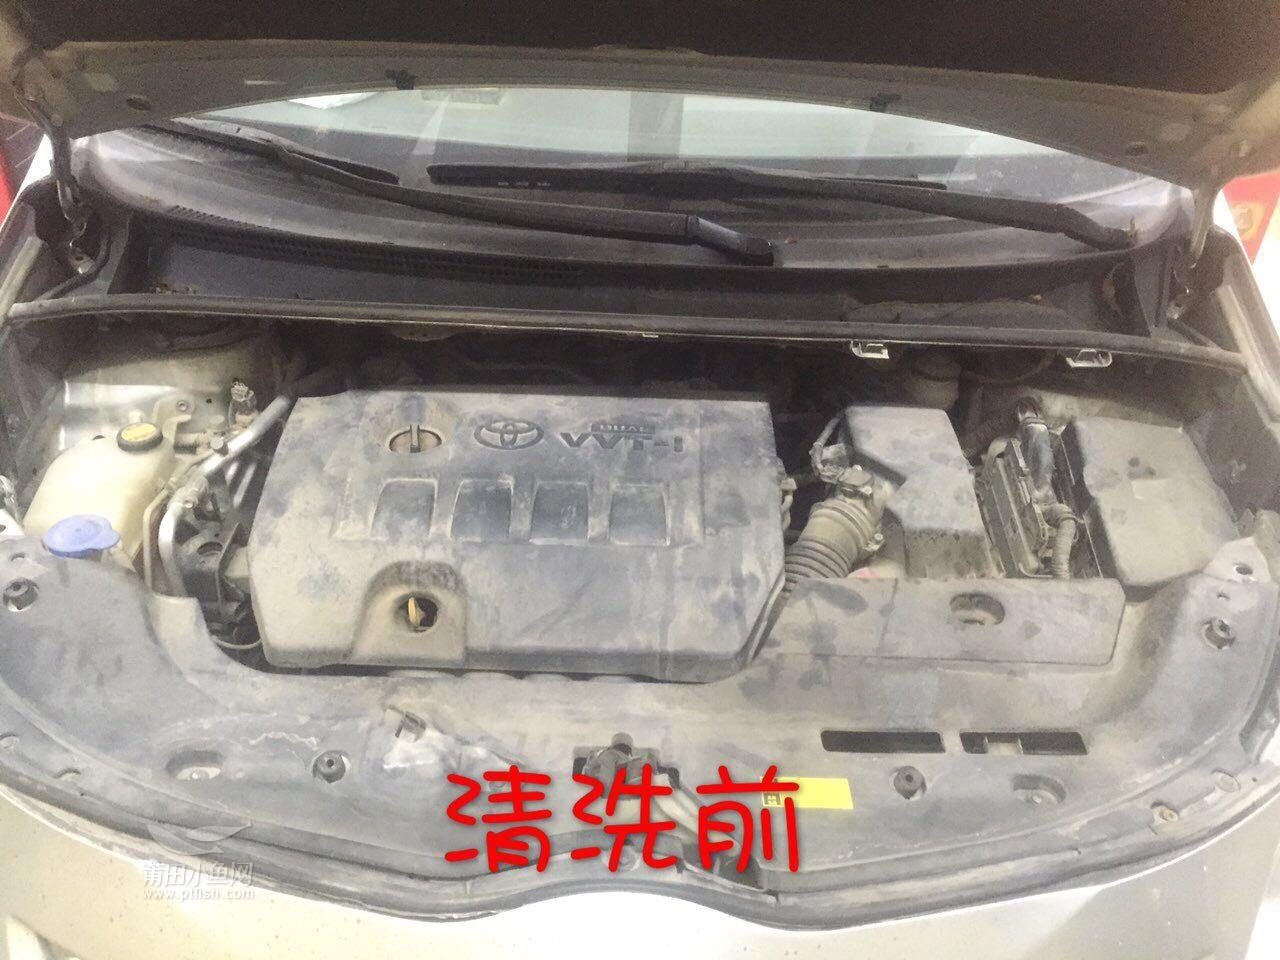 丰田逸致更换机油 更换机油格 清洗发动机 更换电瓶